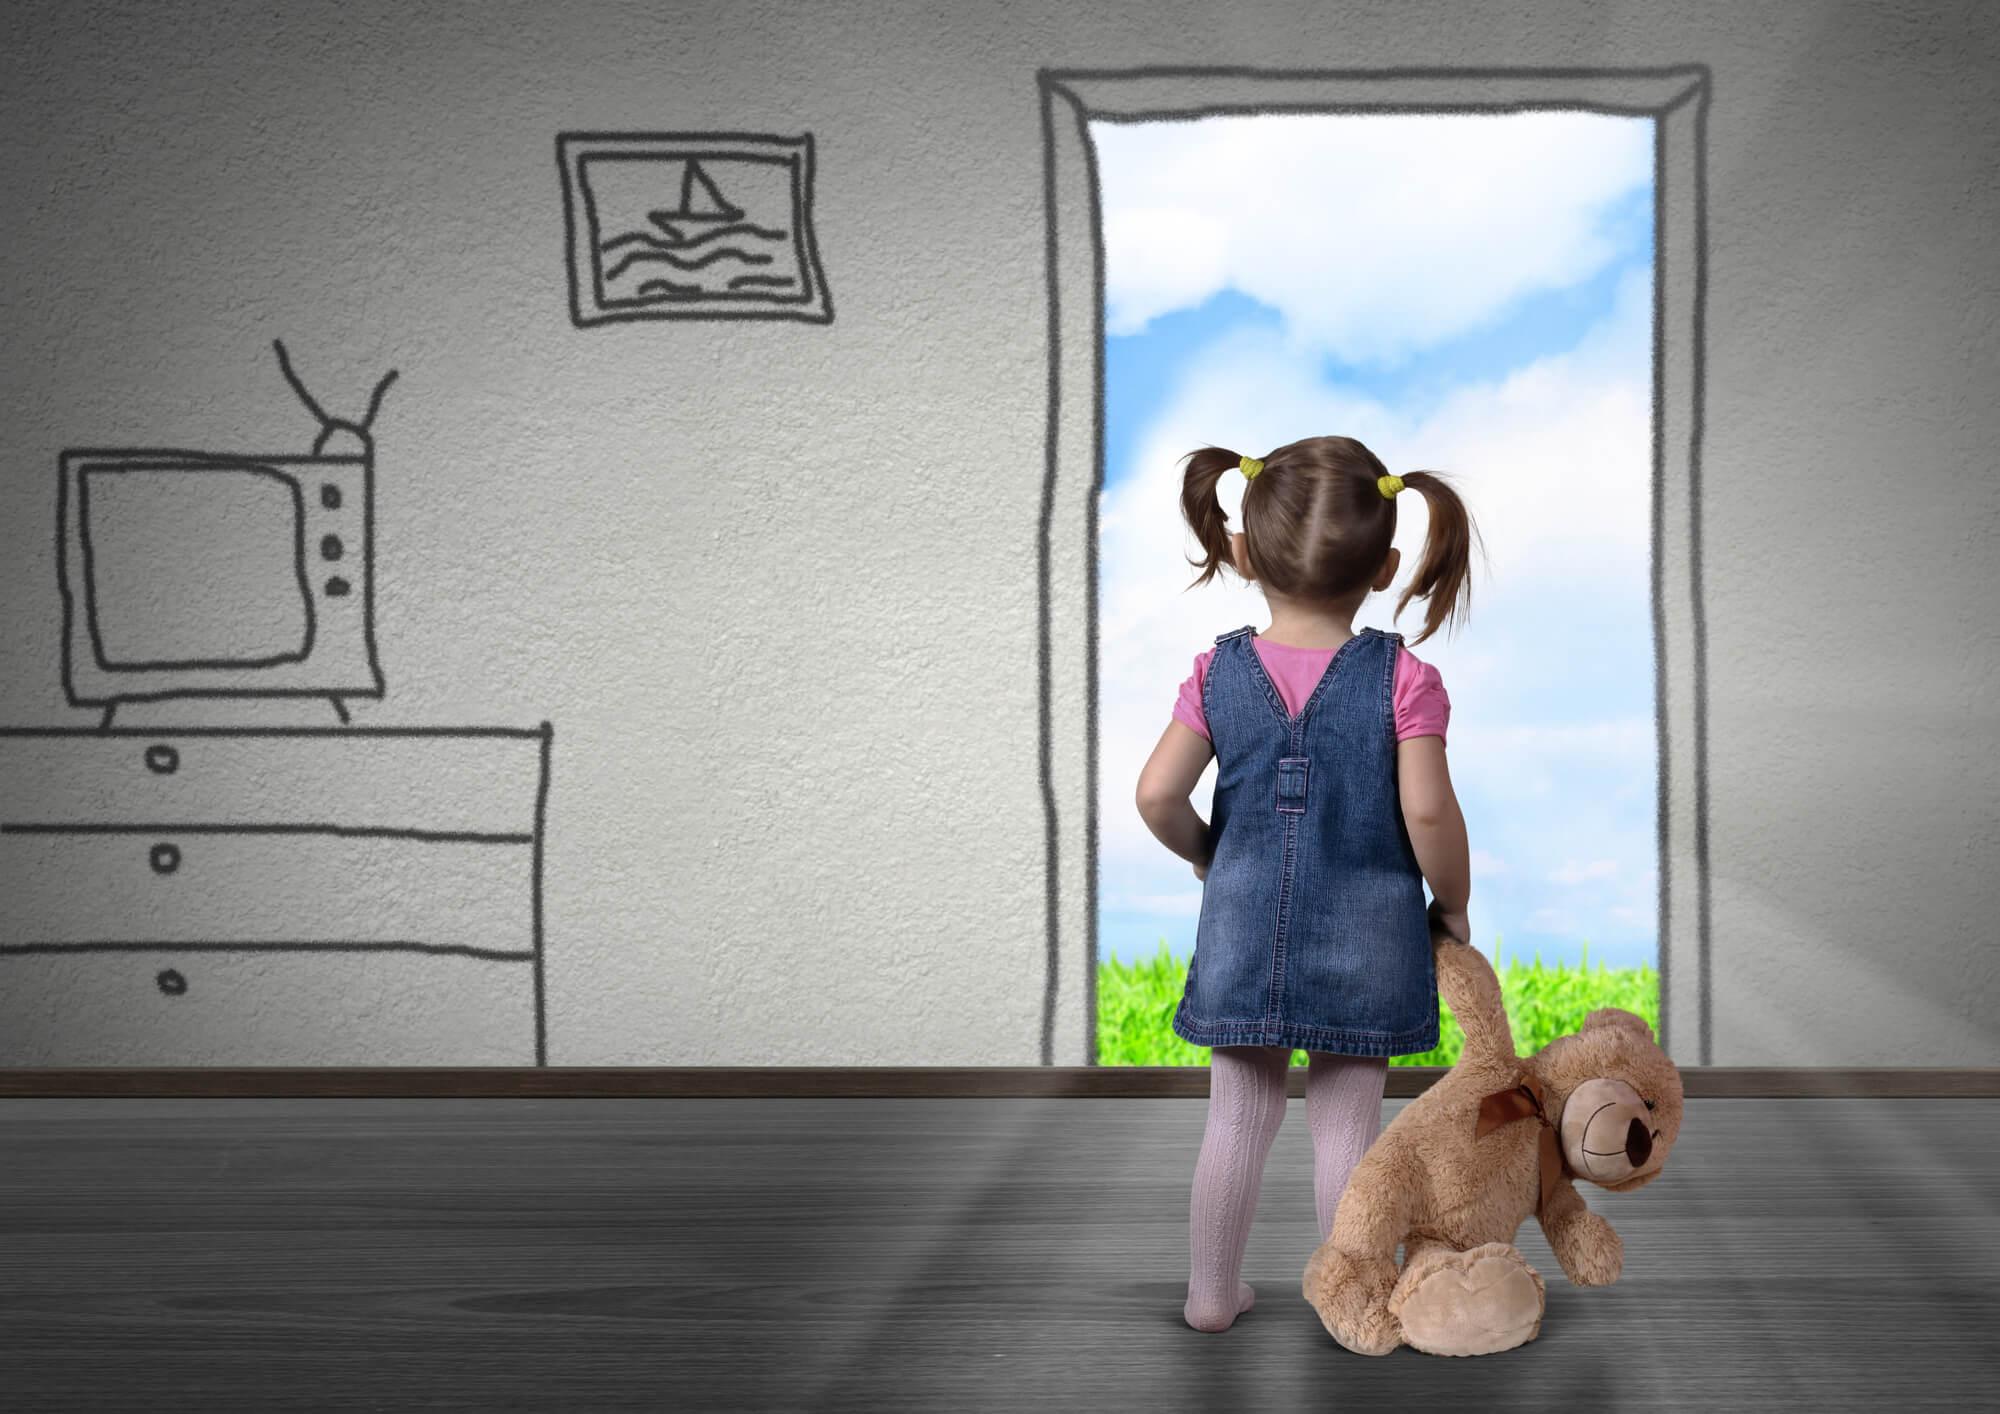 Интерьер небольшой квартиры для молодой семьи с ребенком